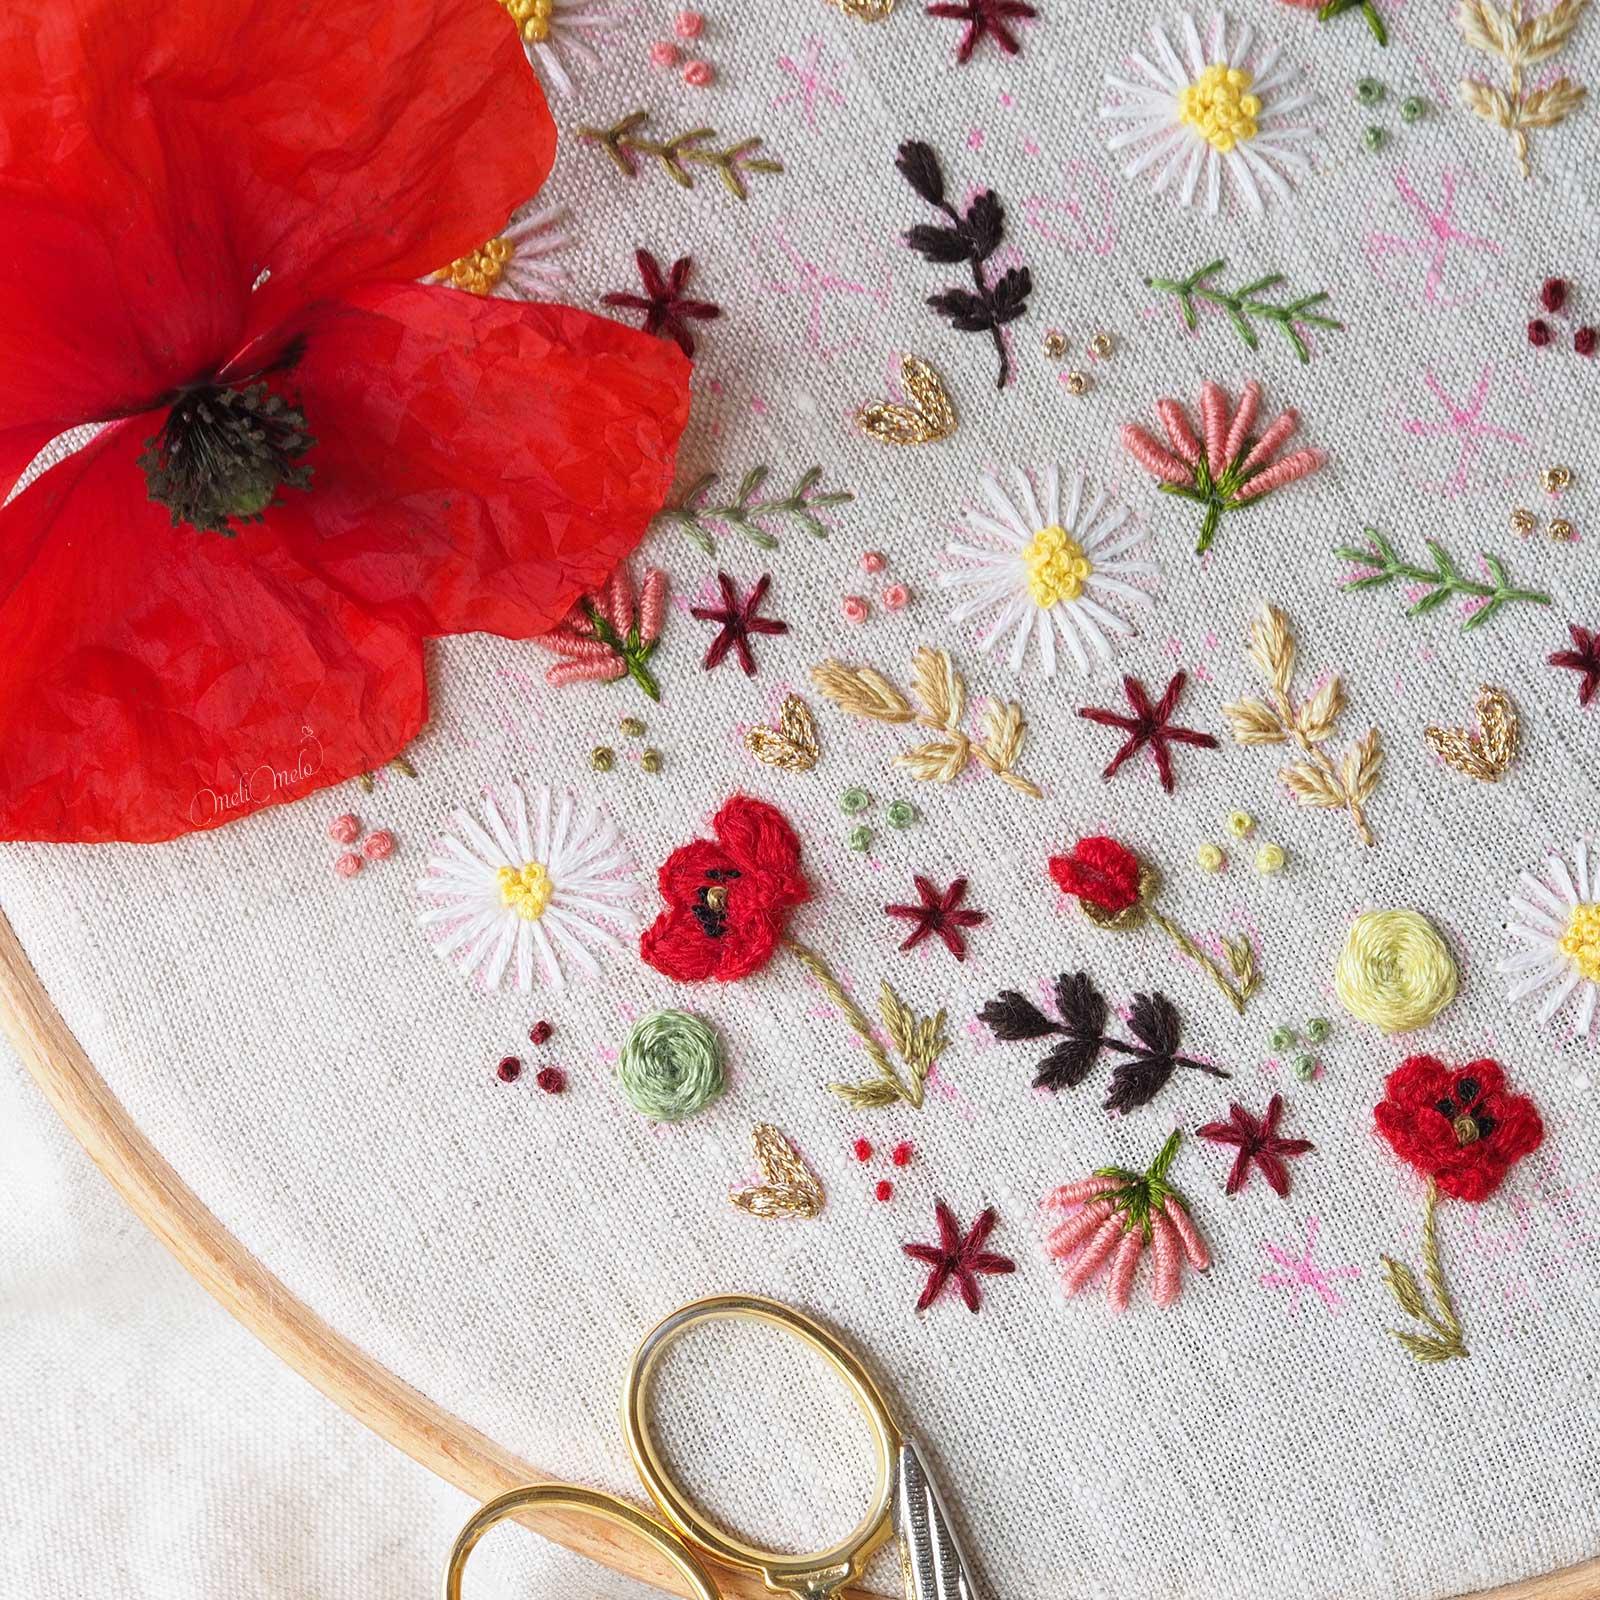 broderie-coquelicot-point-floria-caston-stitch-laine-fine-aubusson-laboutiquedemelimelo